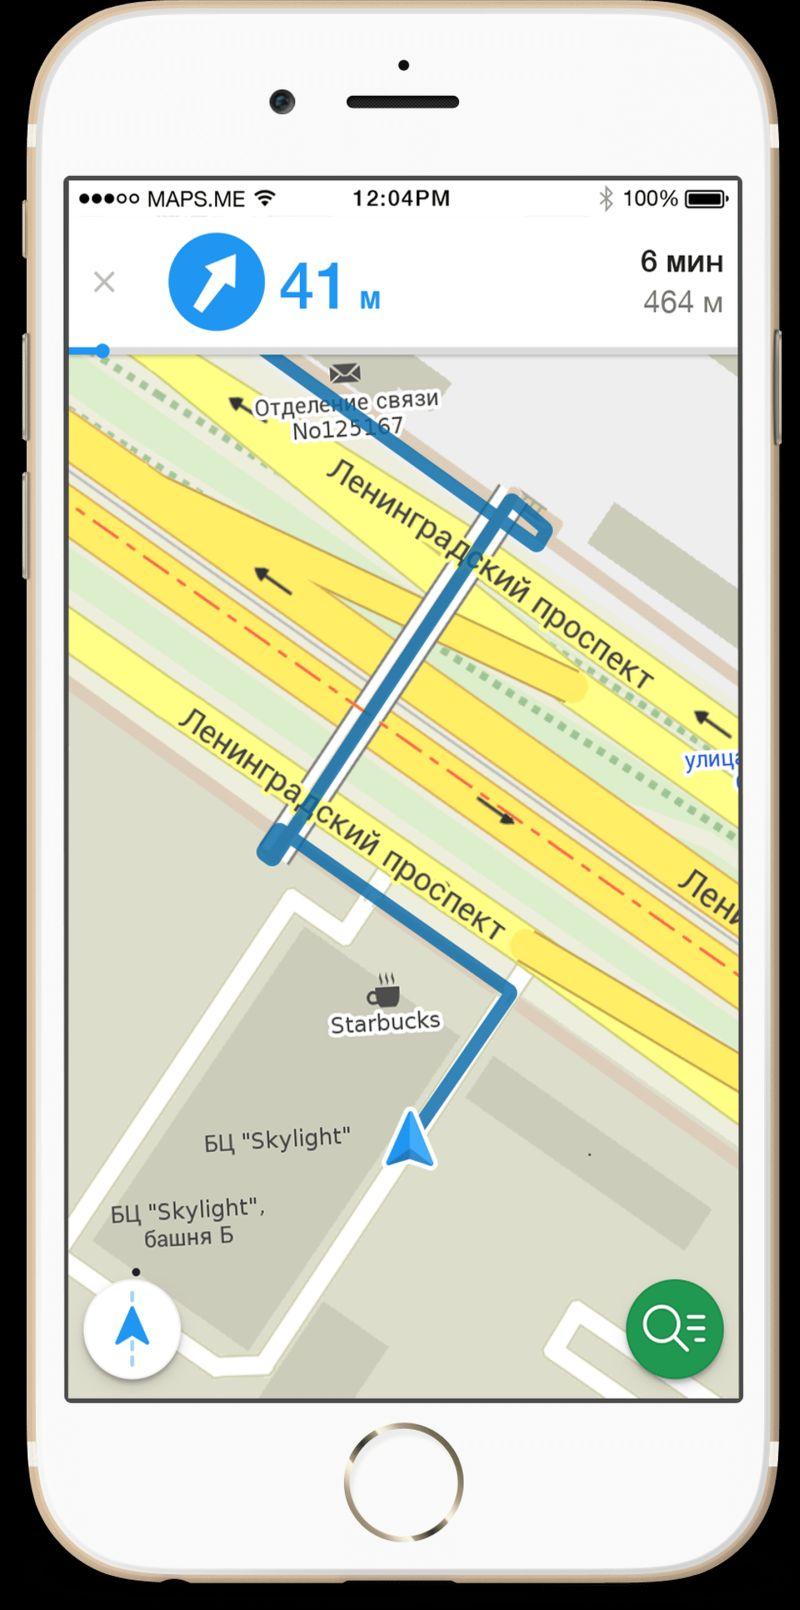 Imagen de un celular mostrando el mapa